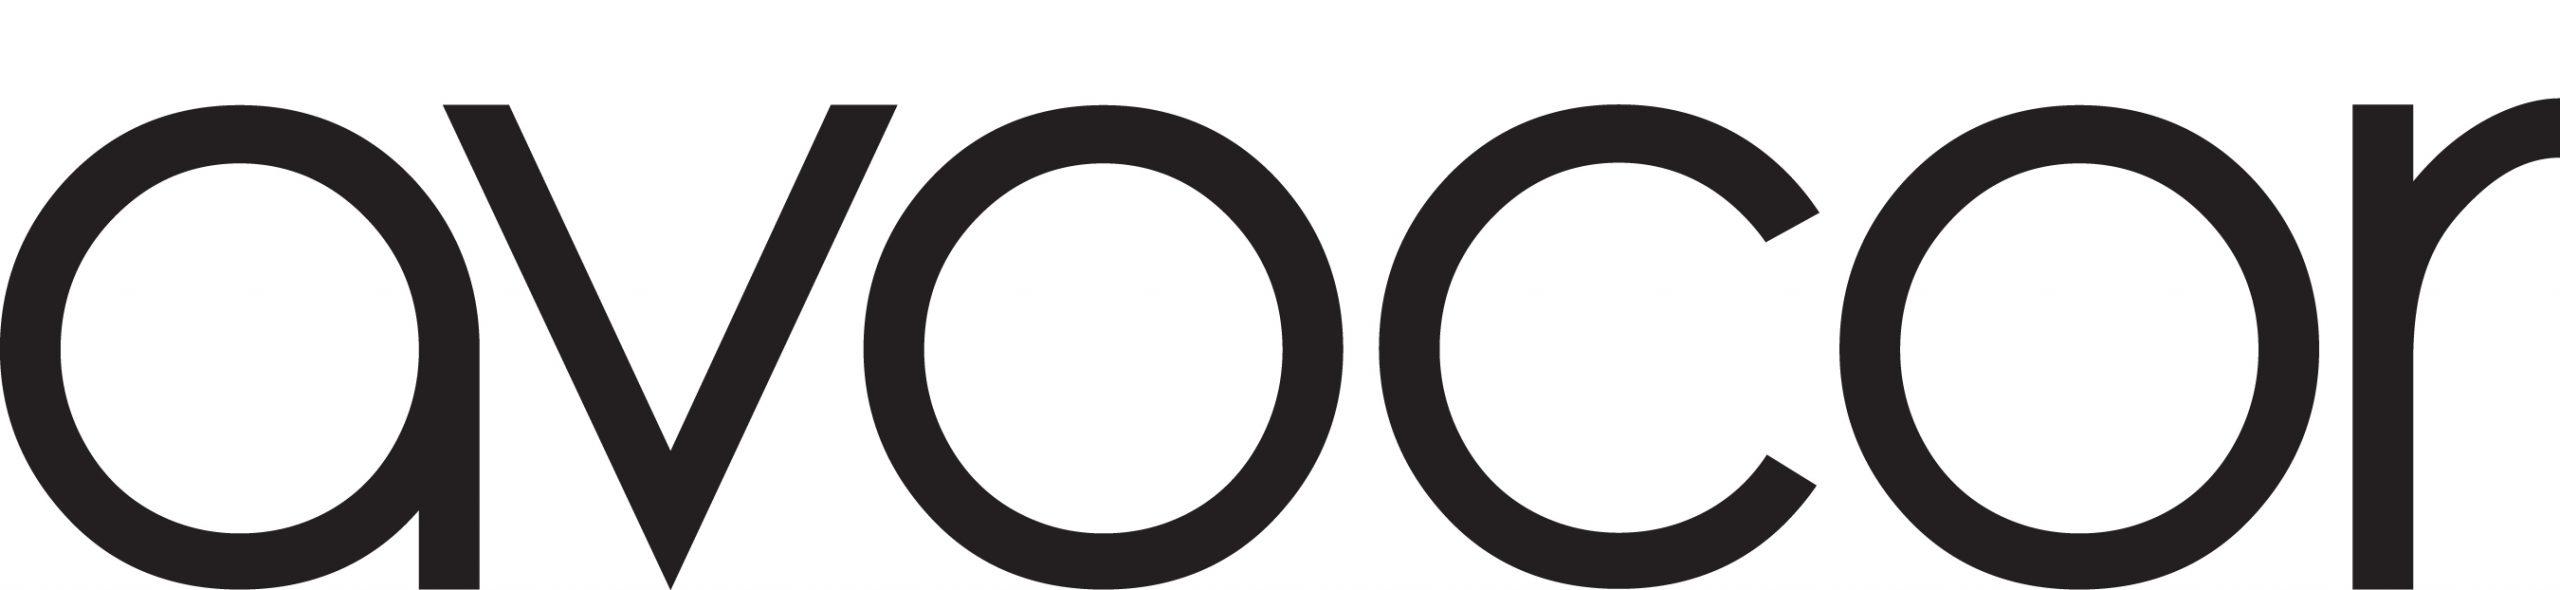 Avocor  logo black scaled